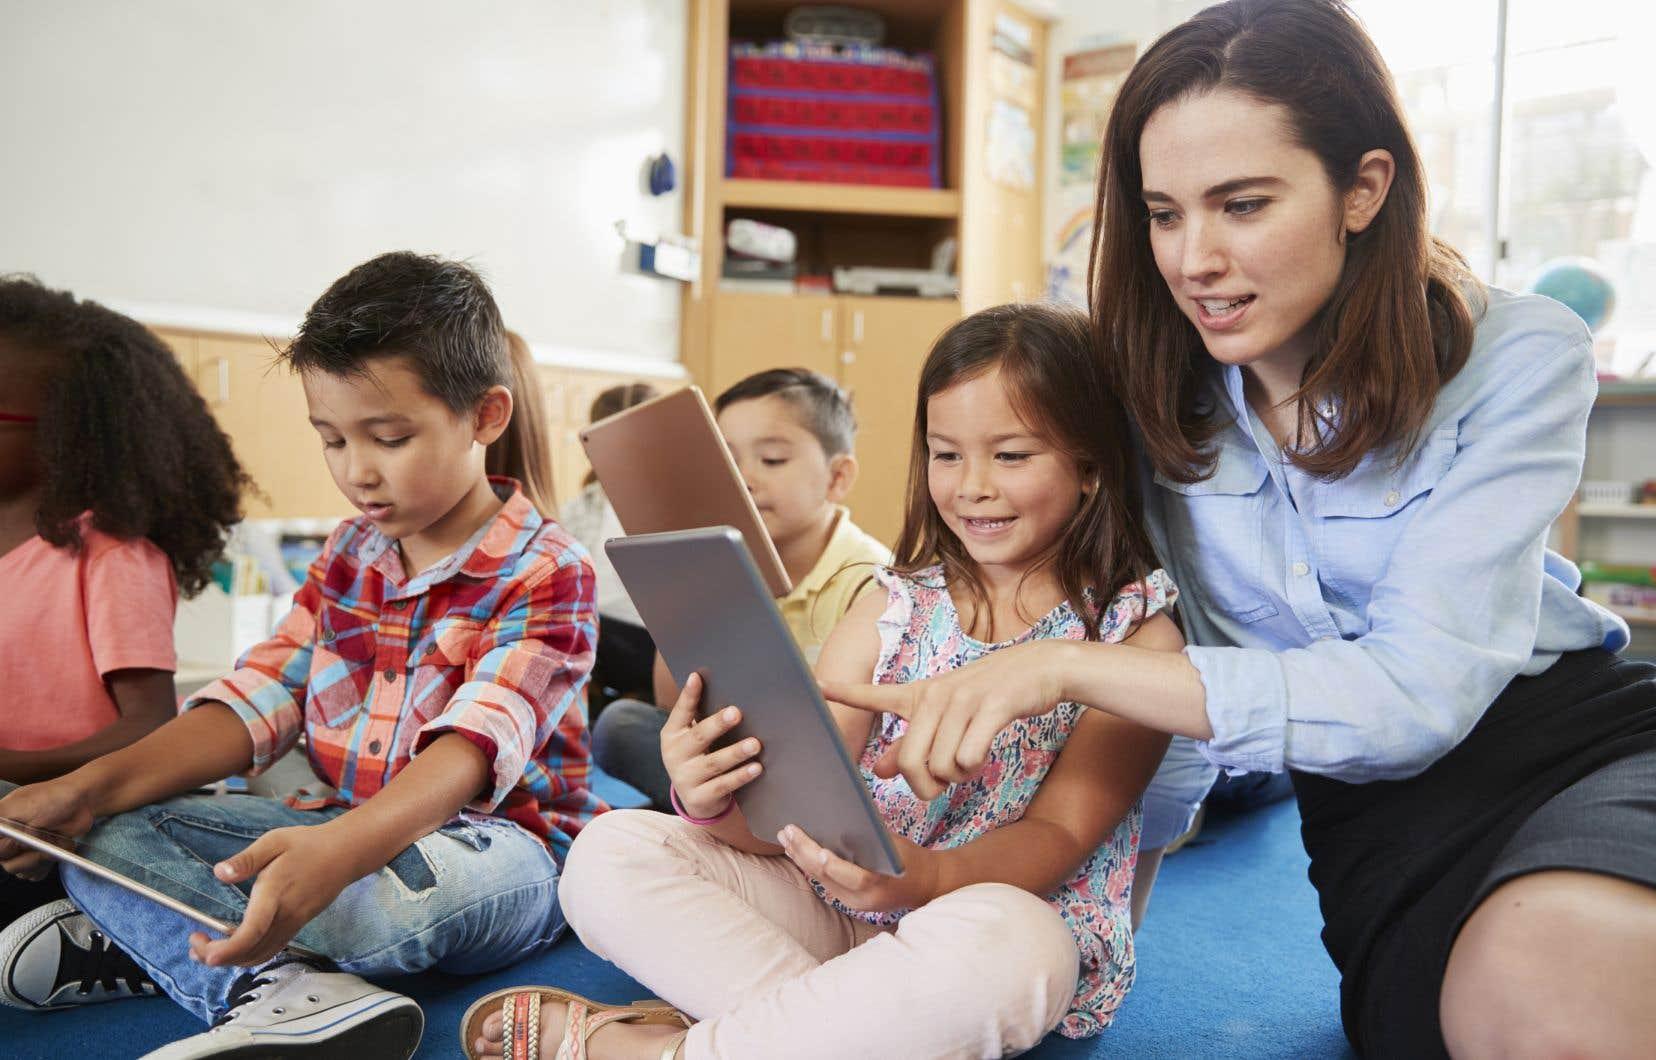 Le Plan d'action numérique invite les enseignants autant que les apprenants à devenir de bons citoyens numériques.